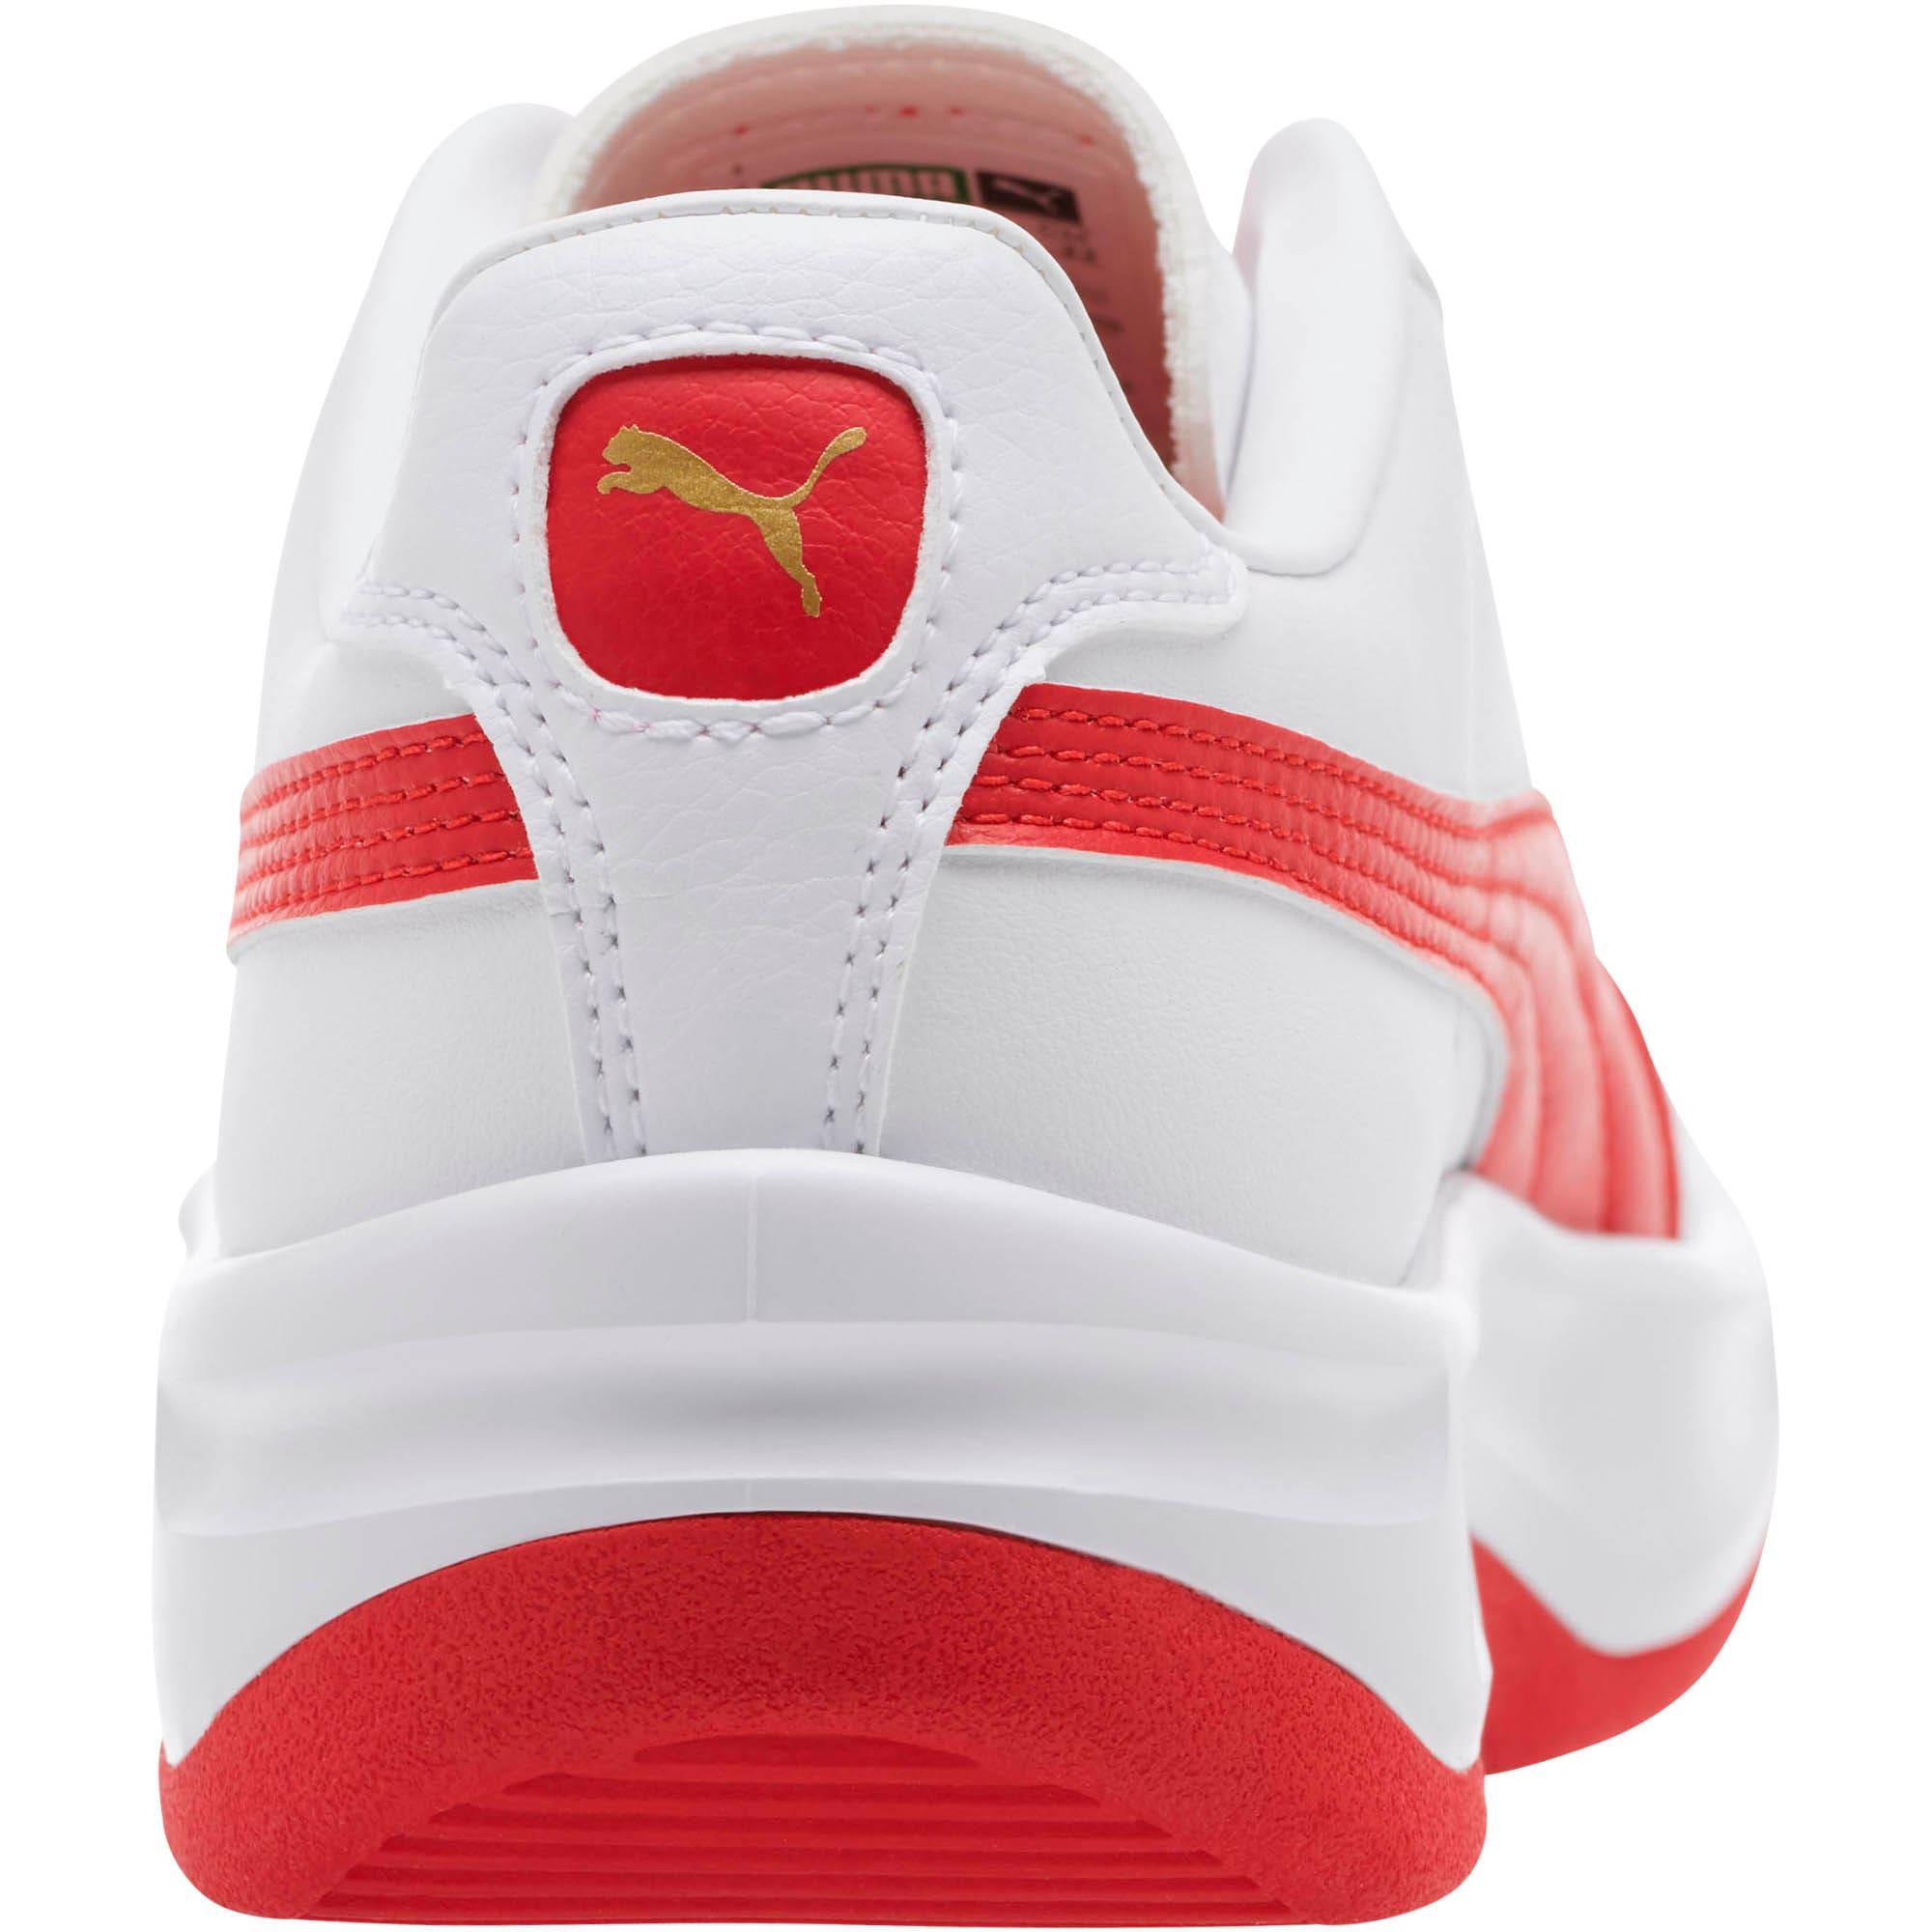 Miniatura 4 de Zapatos deportivos GV Special JR, Puma White-Ribbon Red, mediano